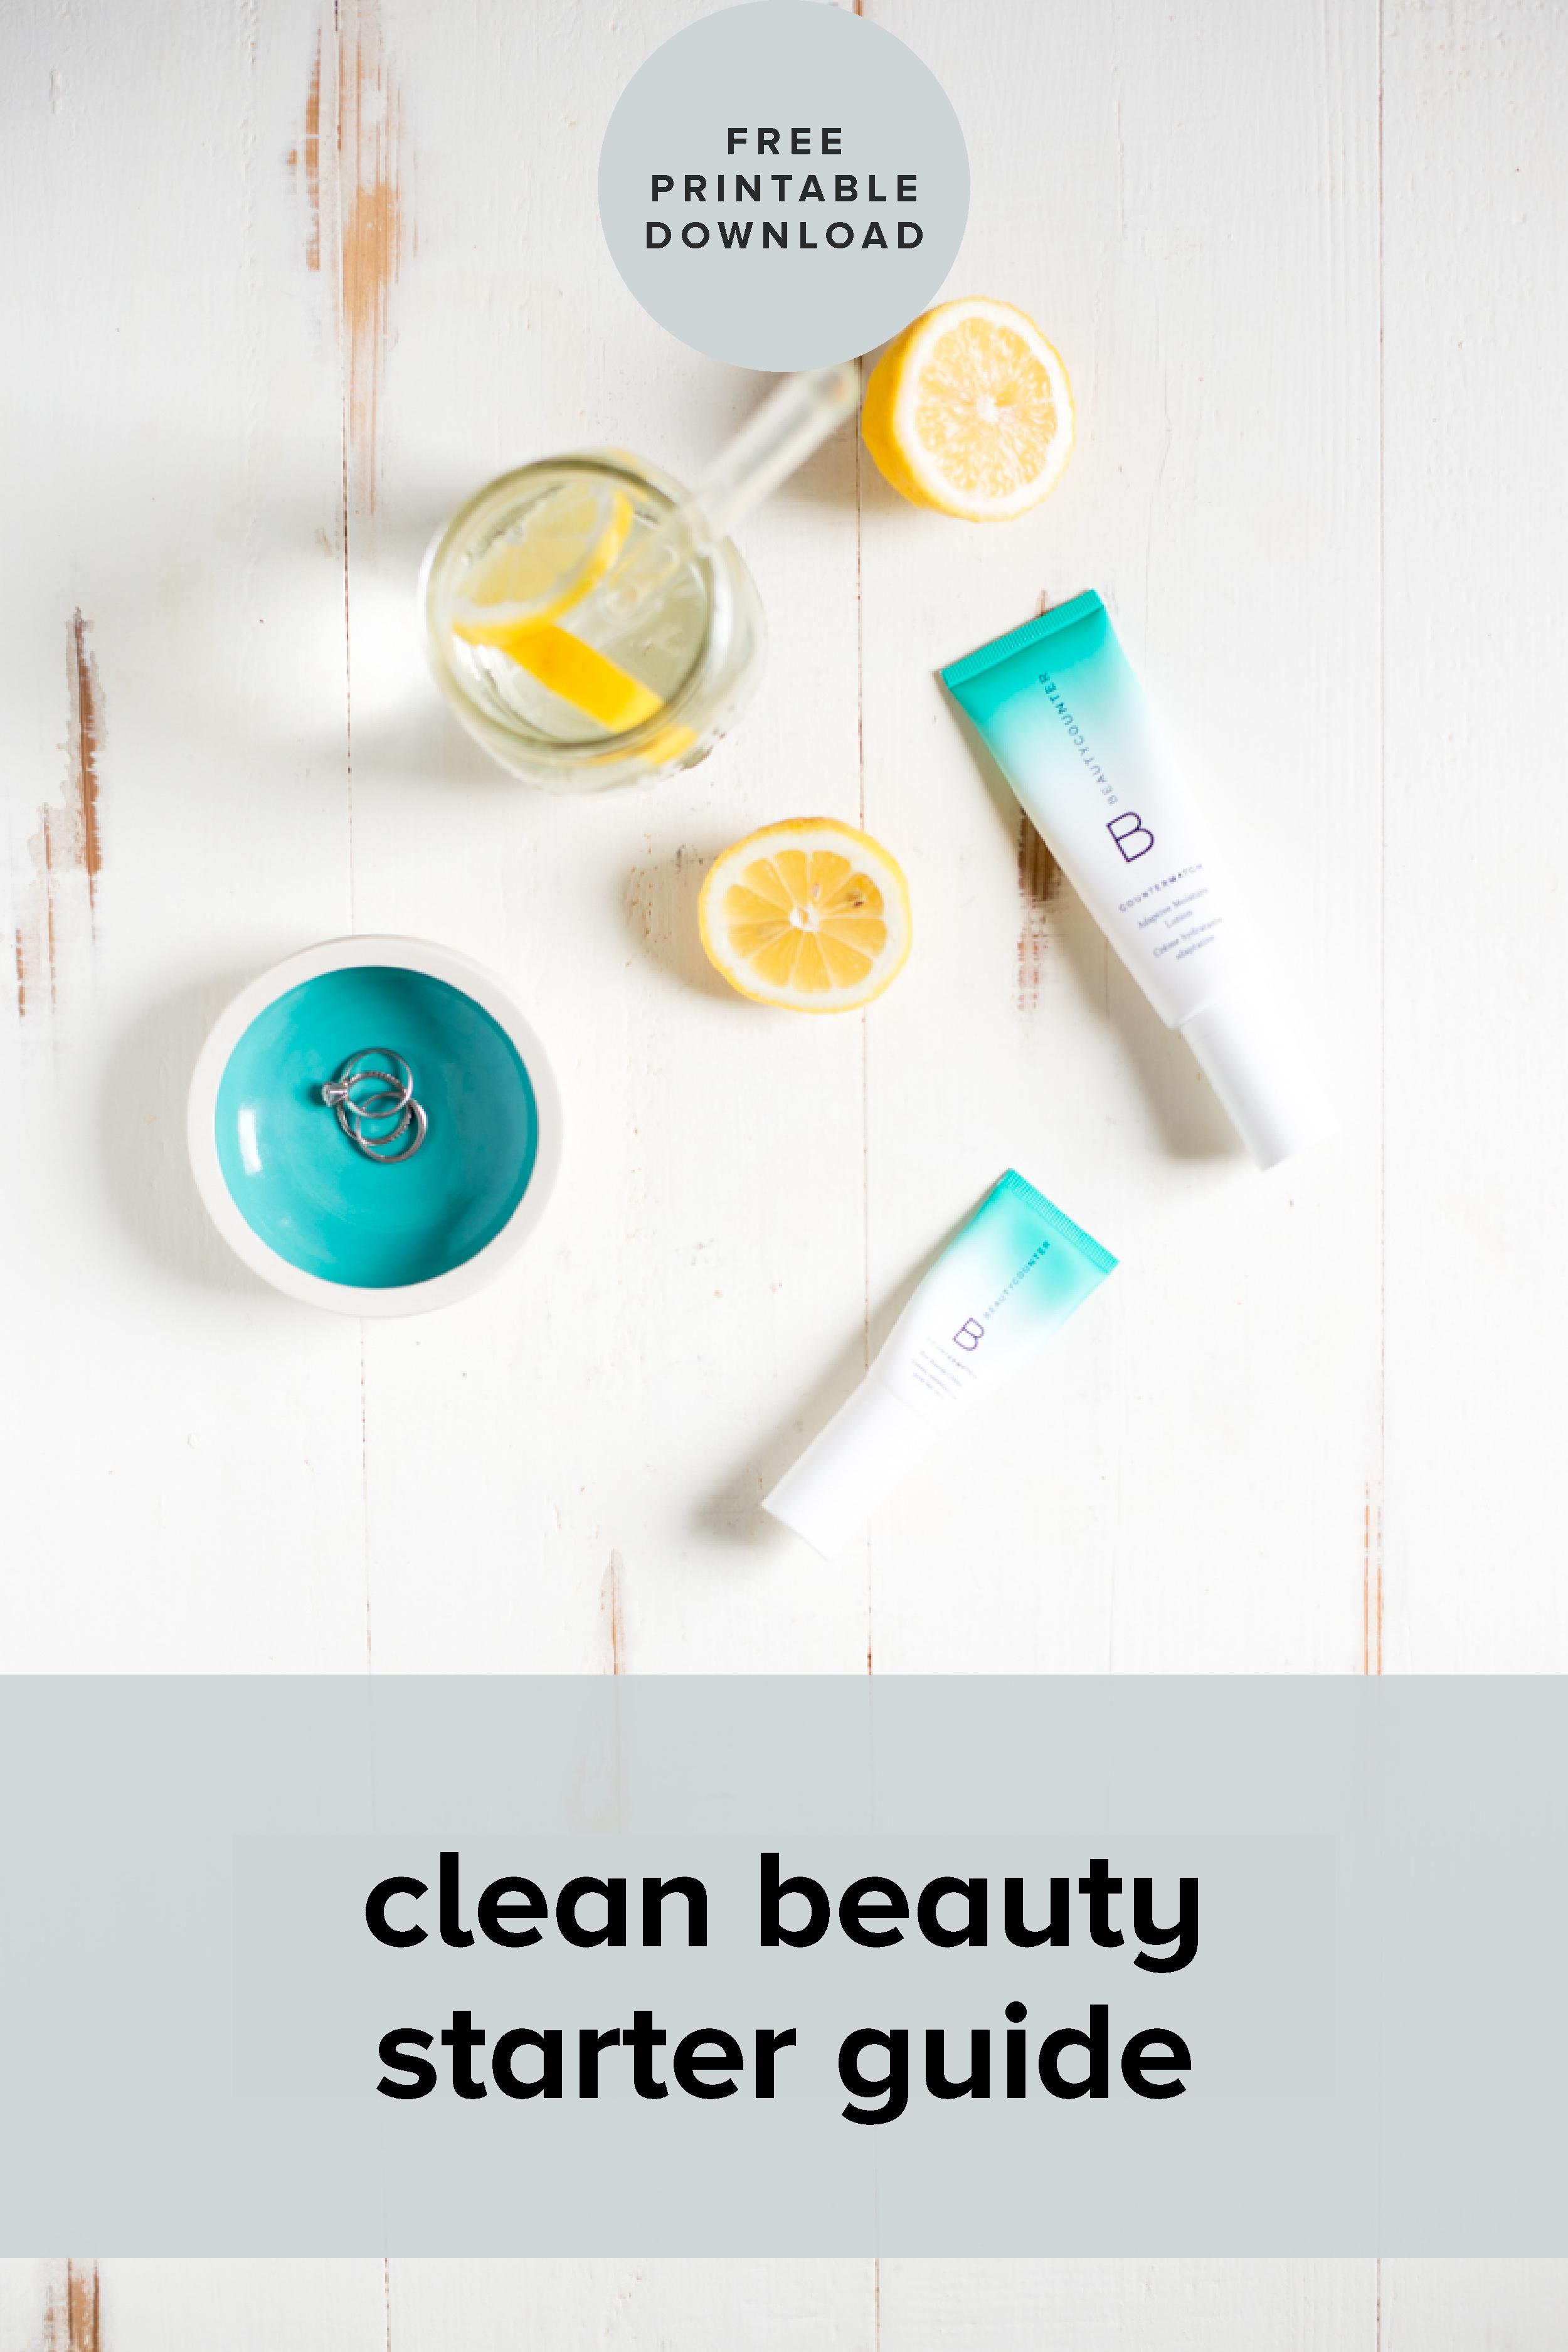 clean beauty starter guide sticker.jpg